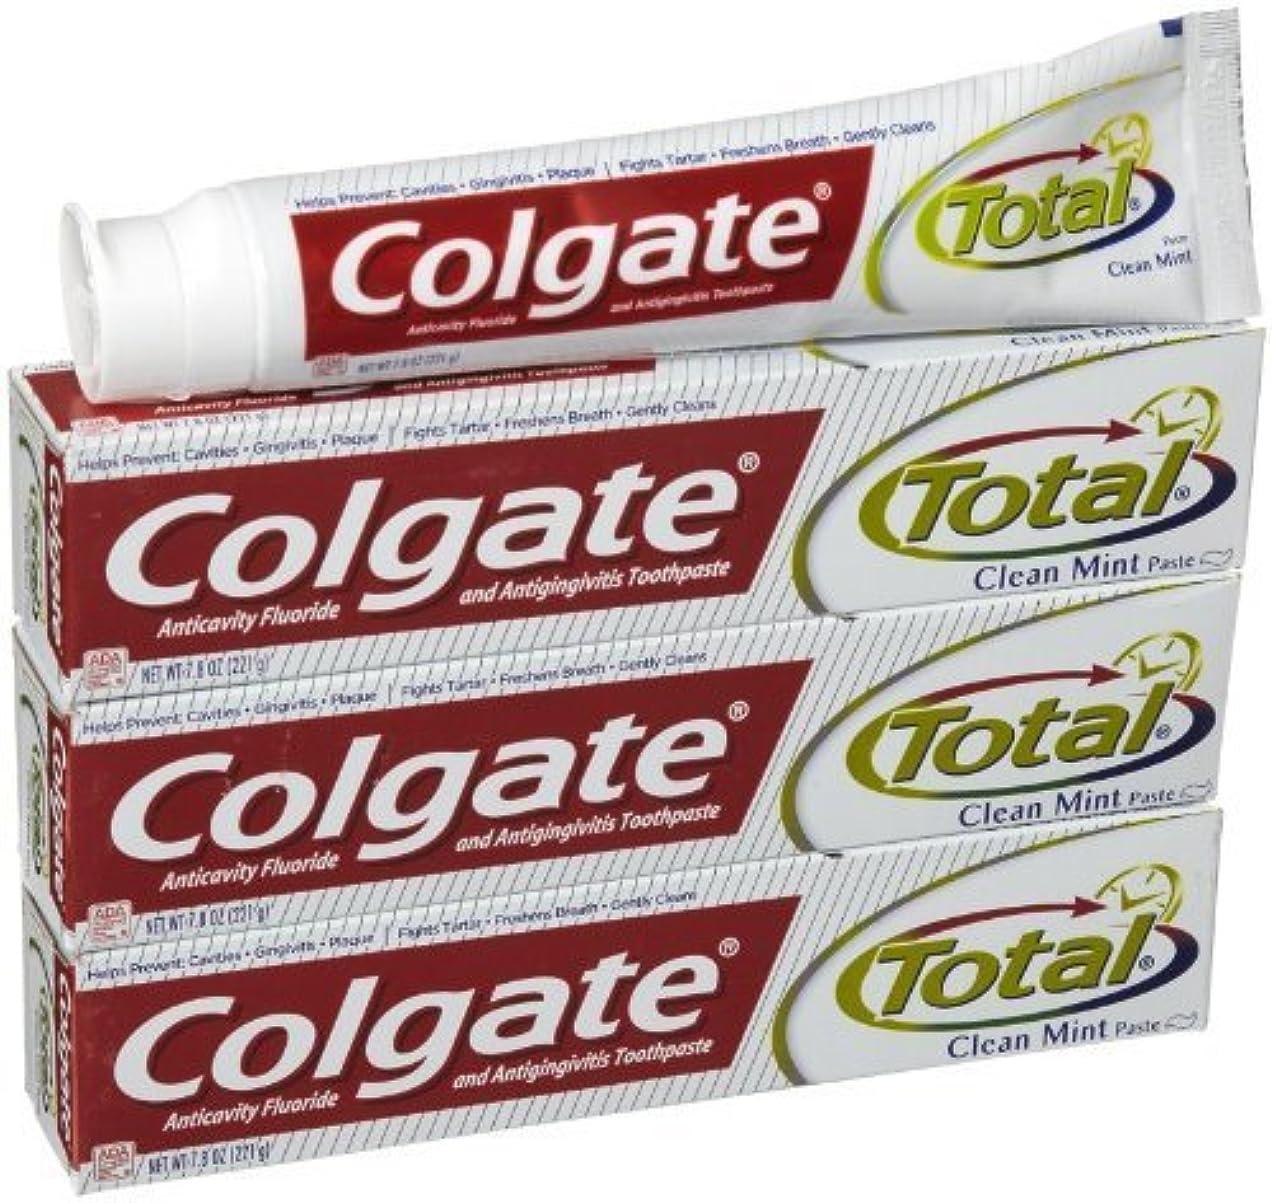 スナックエイリアスかなりのコルゲート クリーンミント 歯磨き粉 7.8OZ-3個 Colgate Total Original Toothpast Clean mint